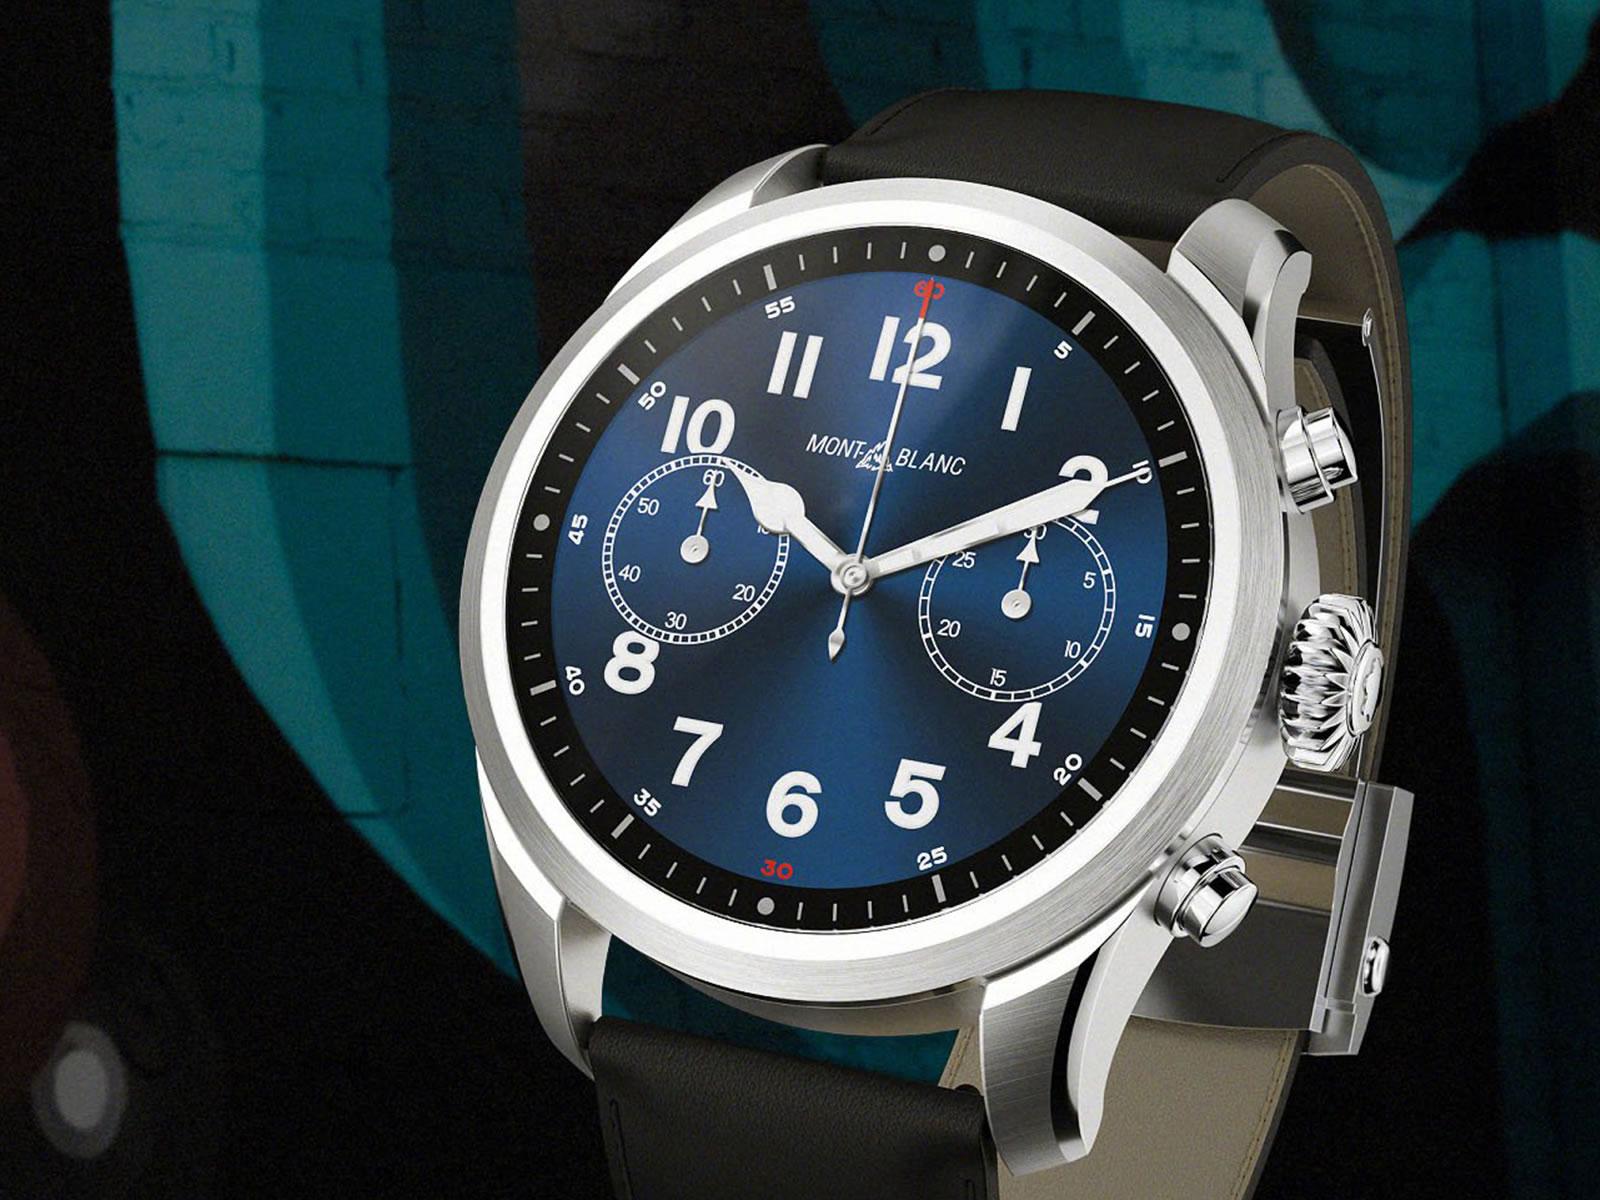 montblanc-summit-2-smartwatch-3-.jpg